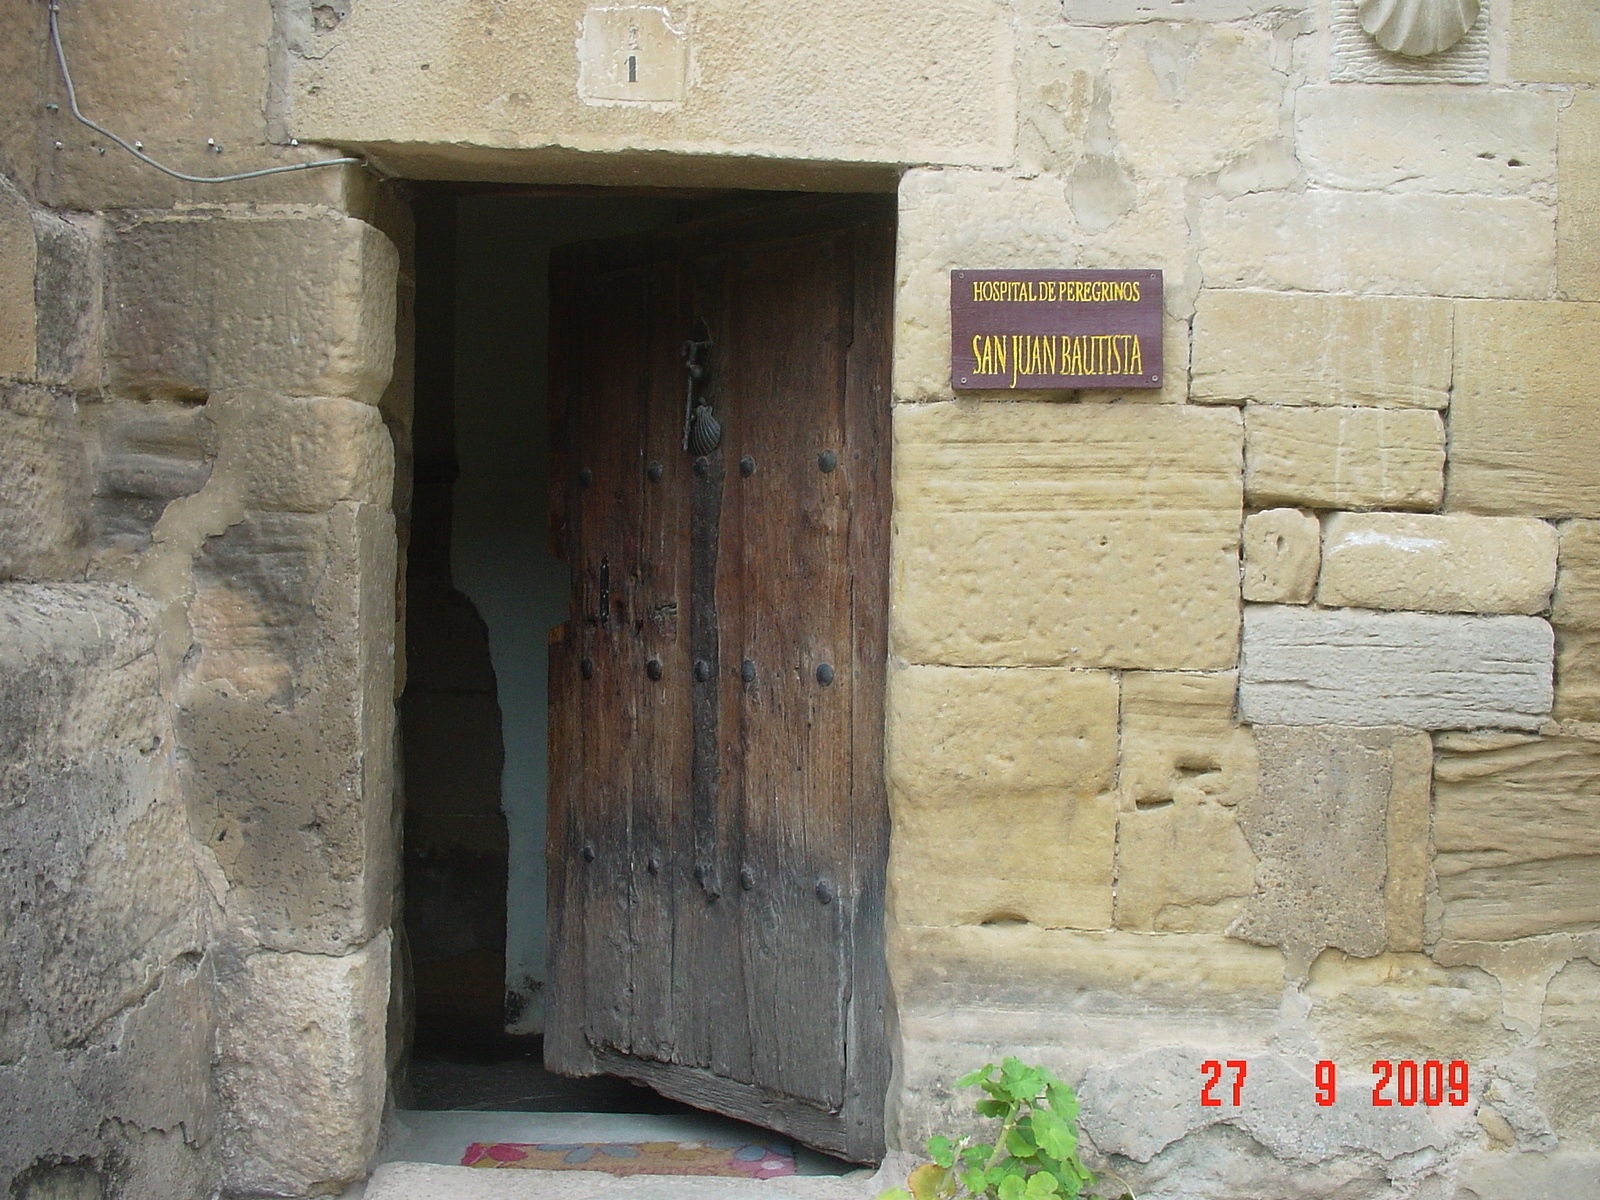 der Eingang zur Albergo